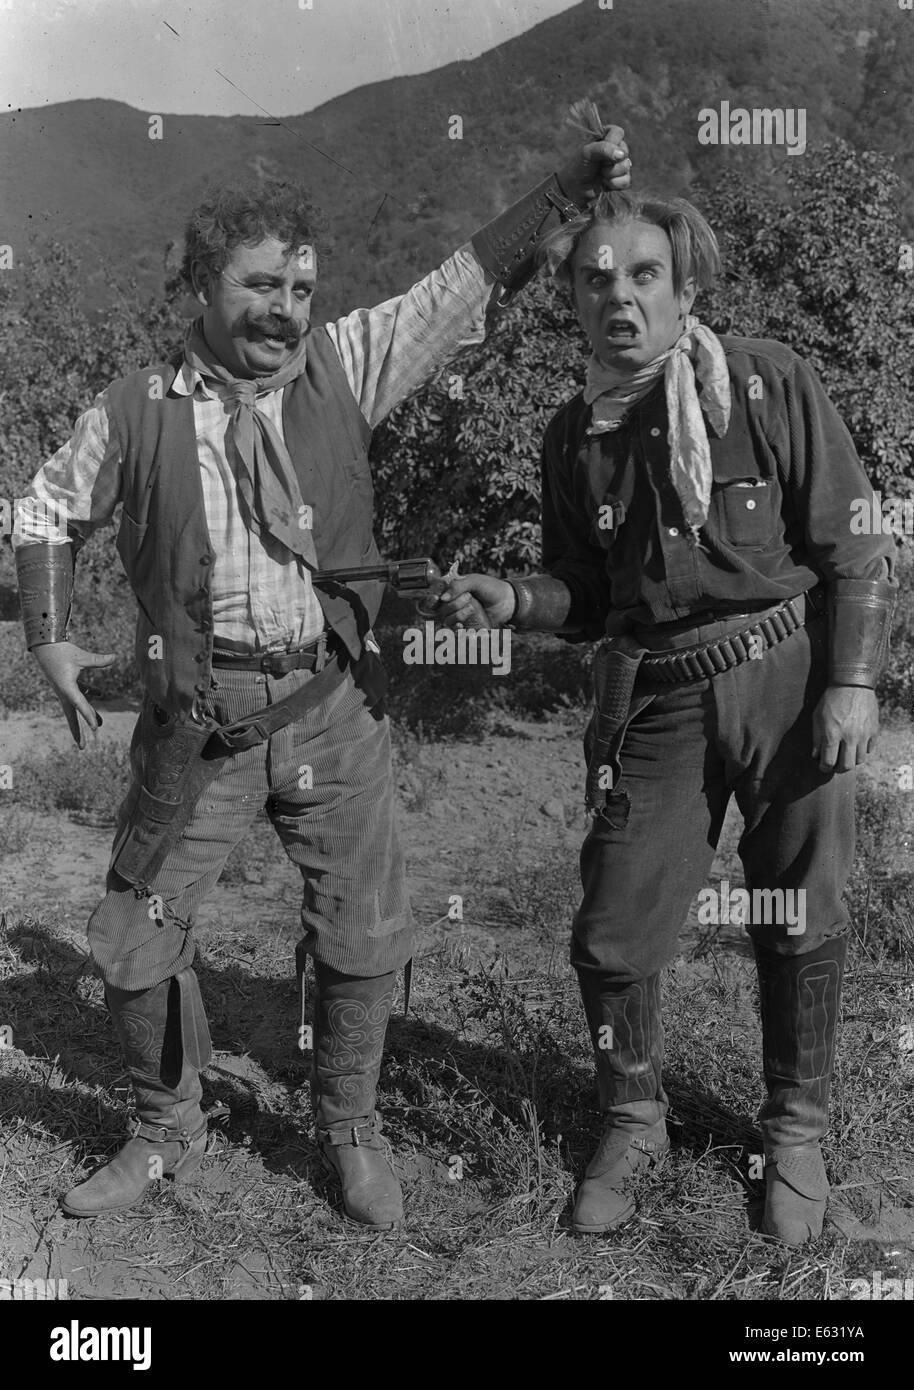 1910s dos vaqueros GOOFY una pistola apuntando al vientre de la otra tirando de su cabello todavía Película muda Foto de stock